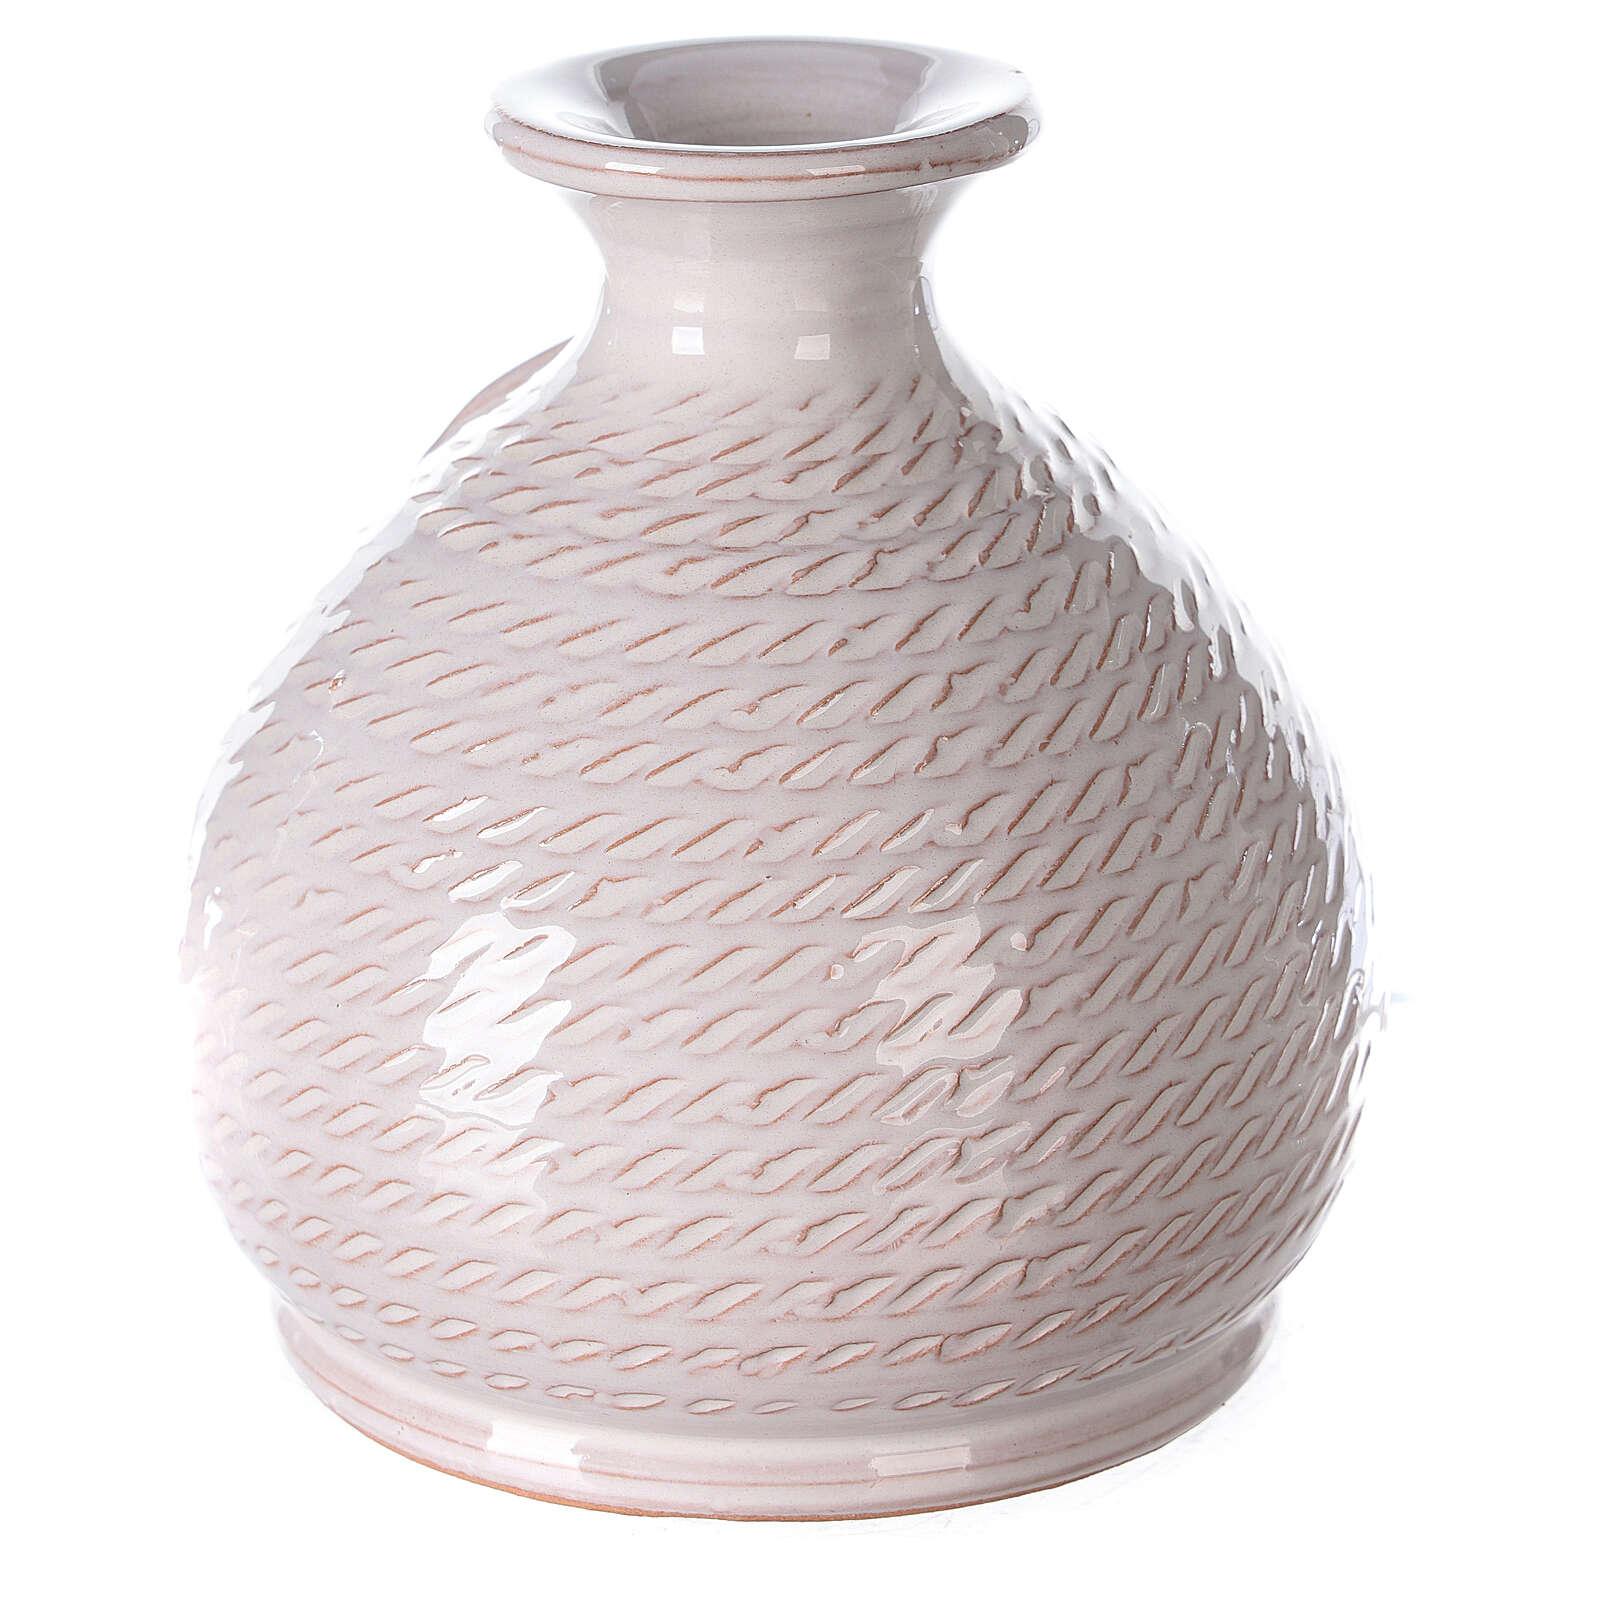 Natività vaso bianco stondato terracotta Deruta 12 cm 4